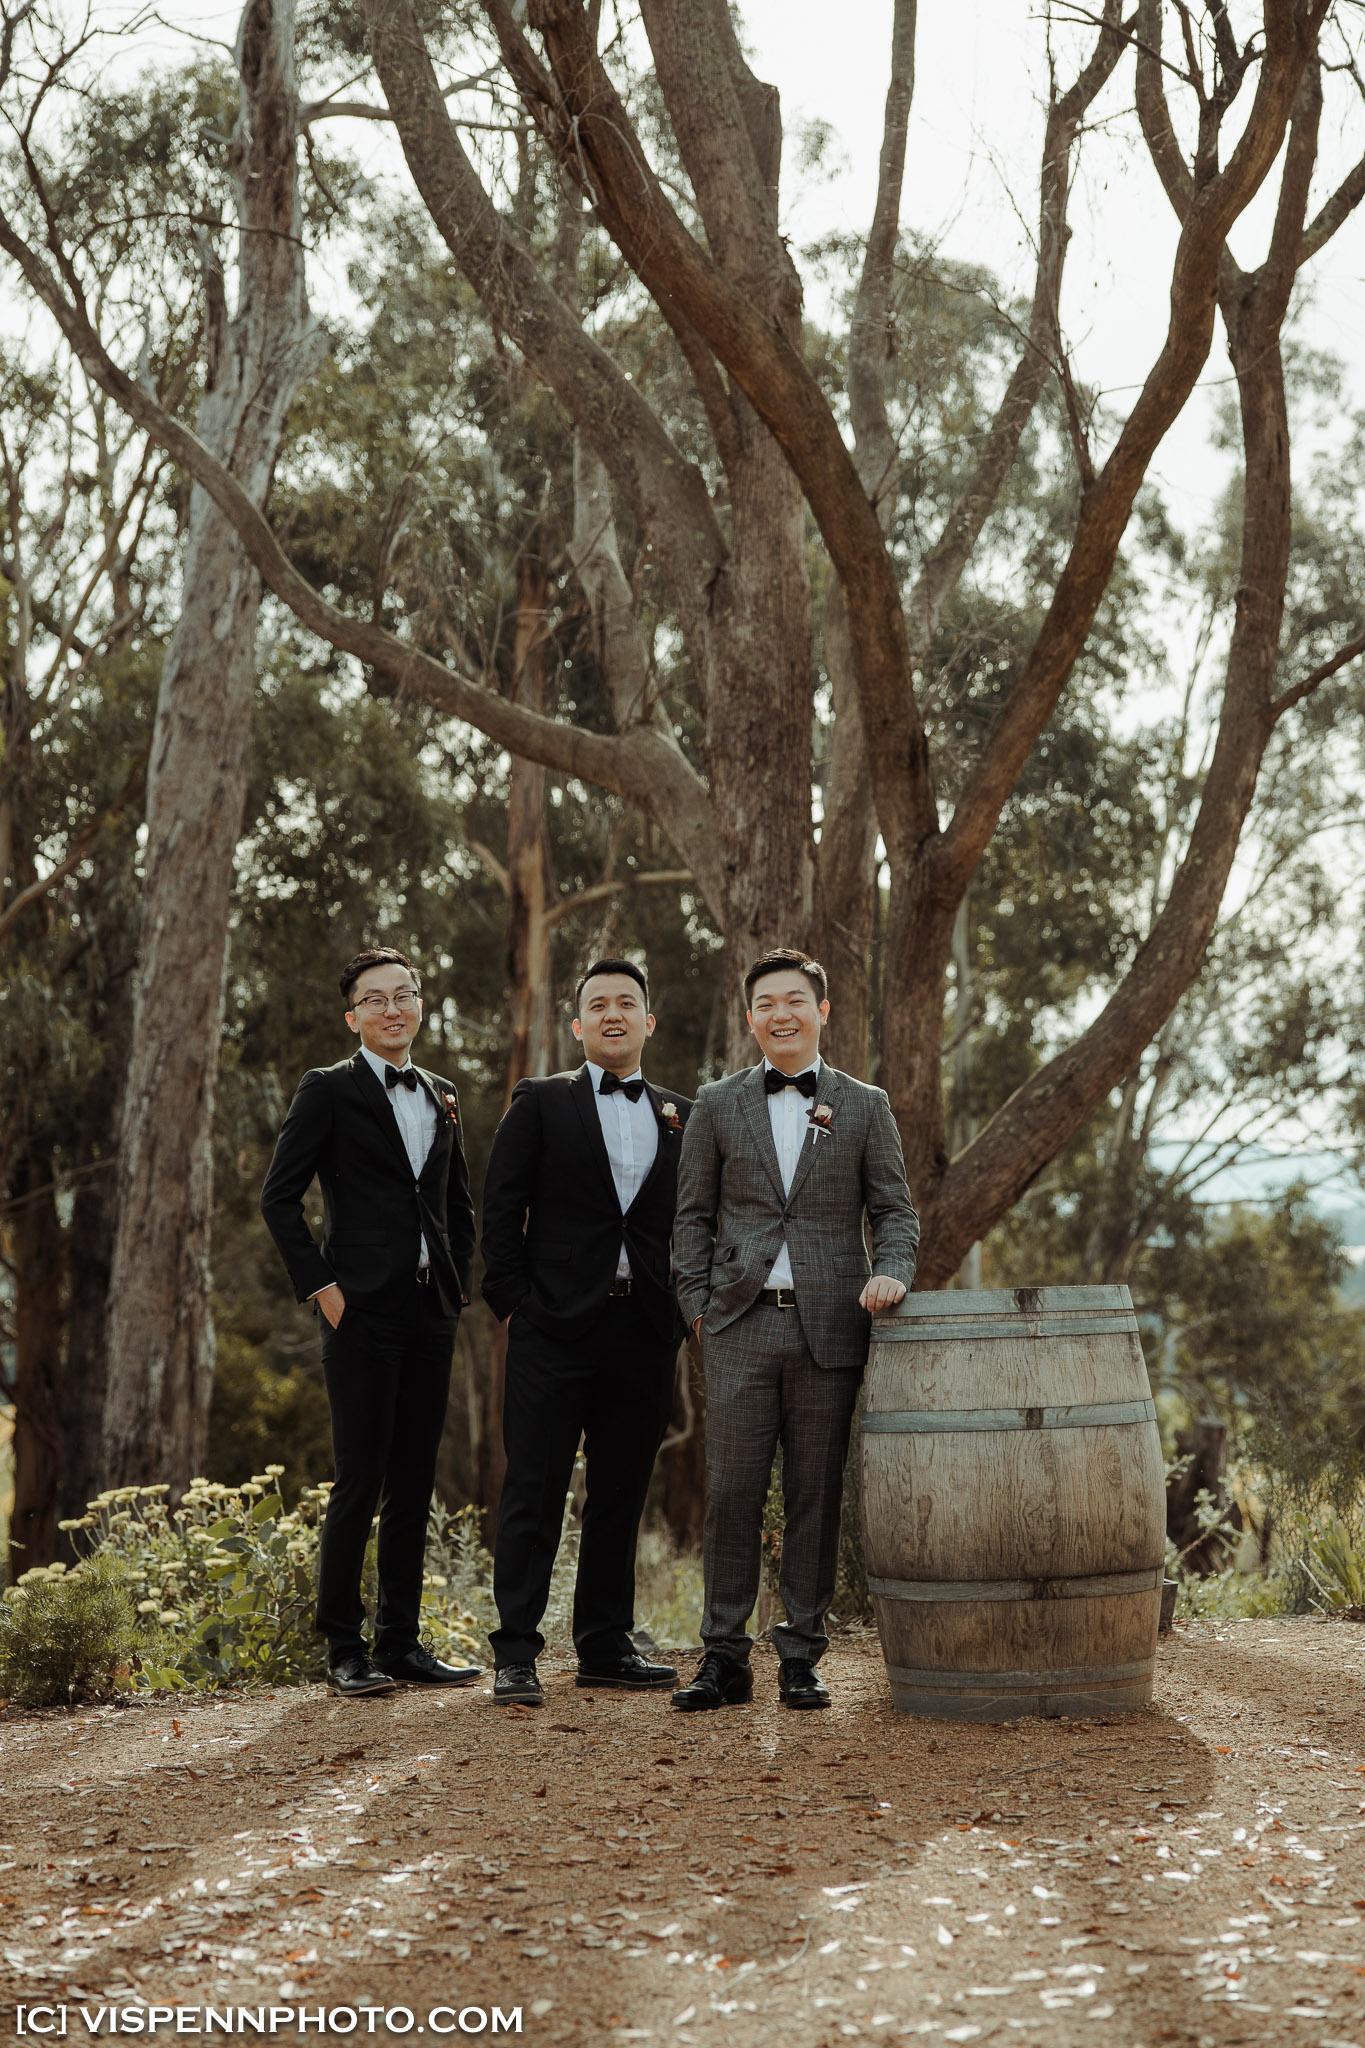 WEDDING DAY Photography Melbourne DominicHelen 1P 1937 EOSR ZHPENN